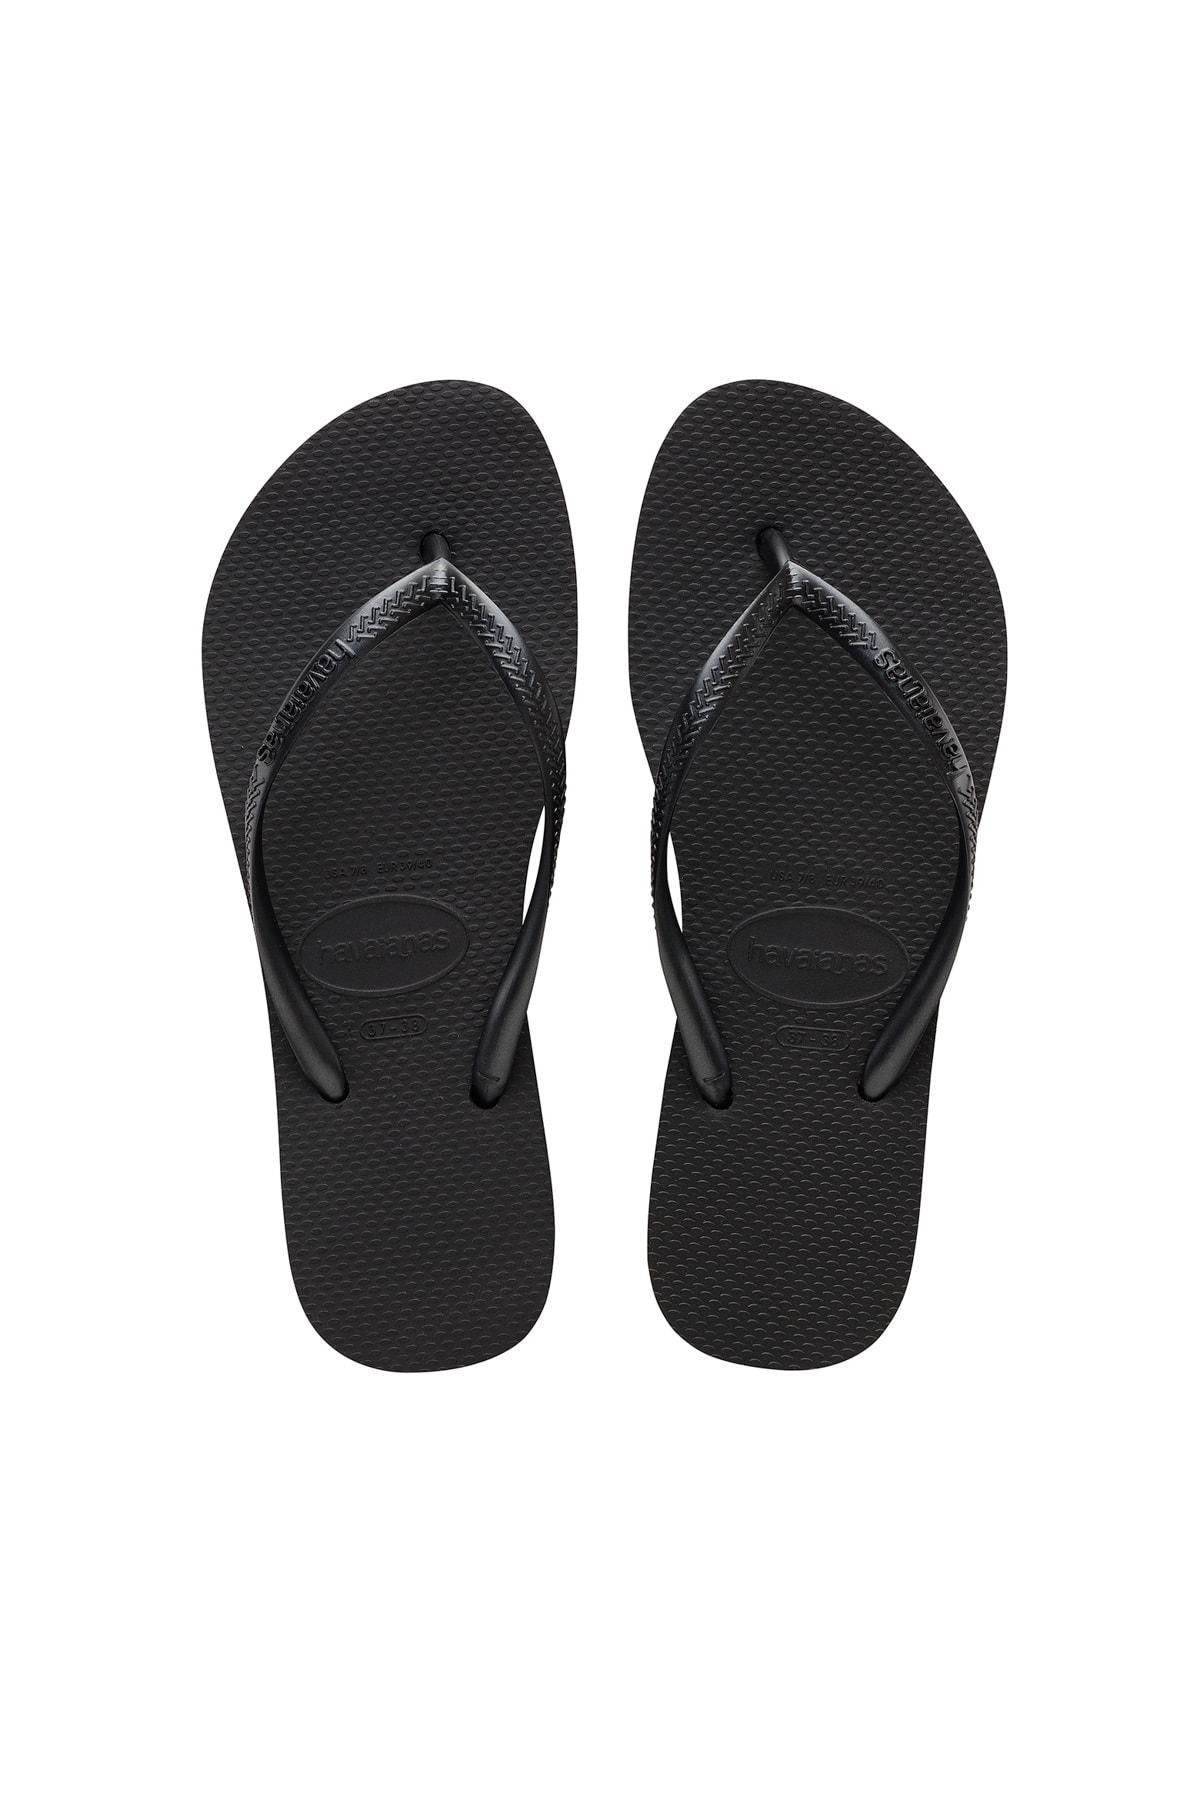 Chanclas negras flip-flop de Havaianas